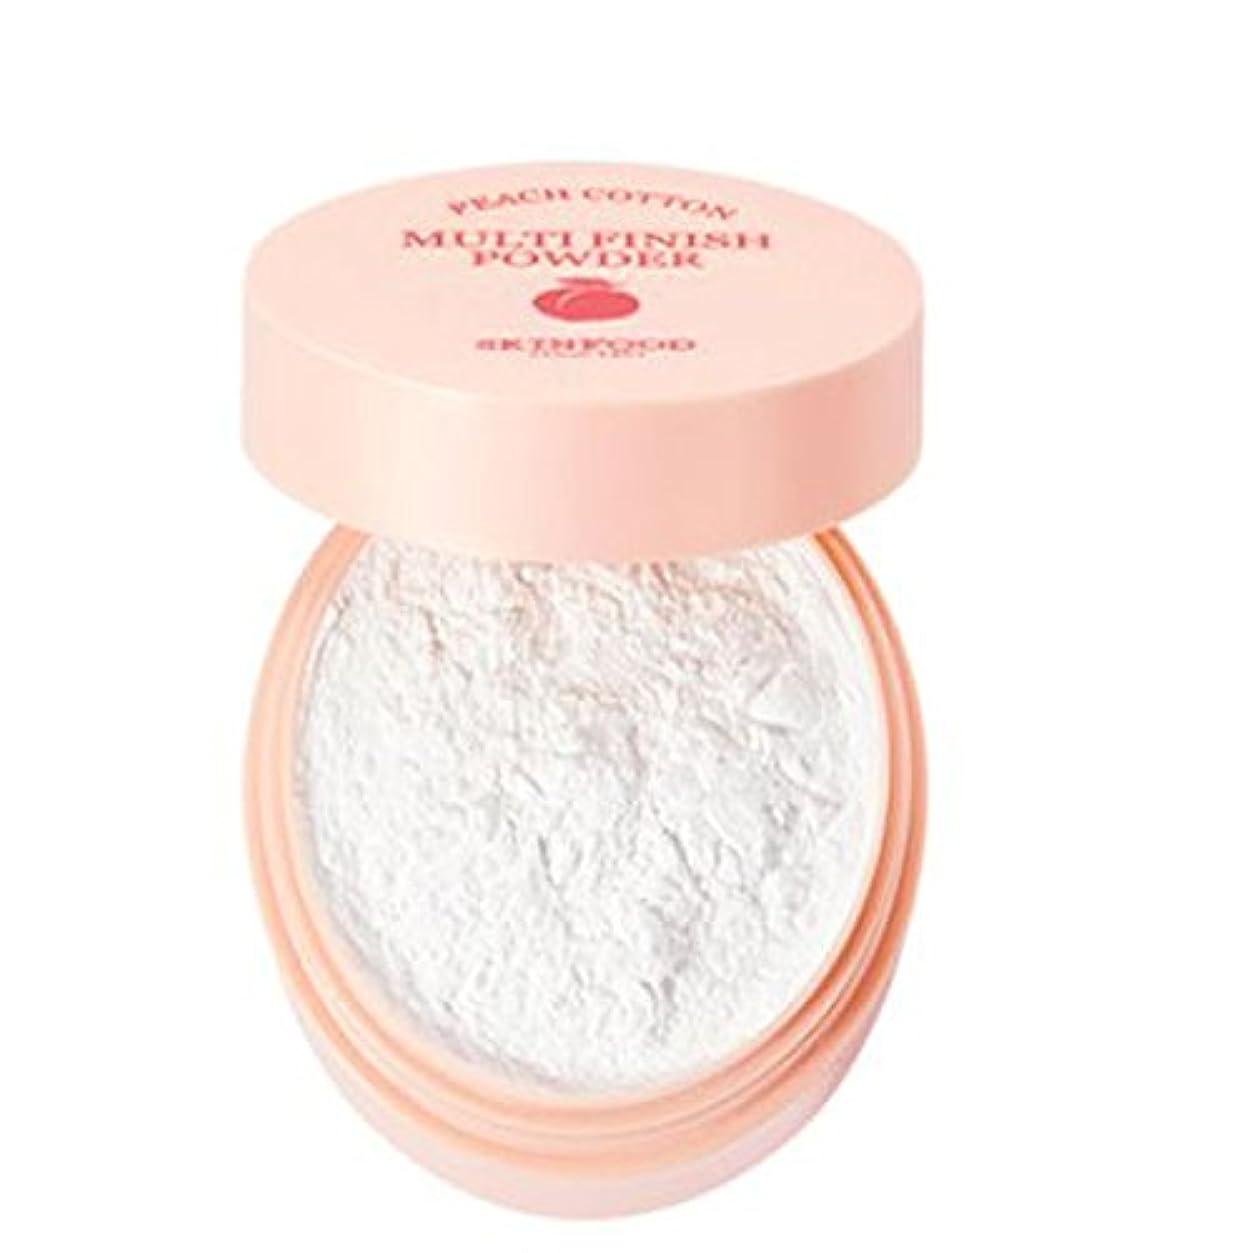 カートに勝る弾薬[SKINFOOD] Peach Cotton Multi Finish Powder ピッチサラッとマルチフィニッシュパウダー - 5g